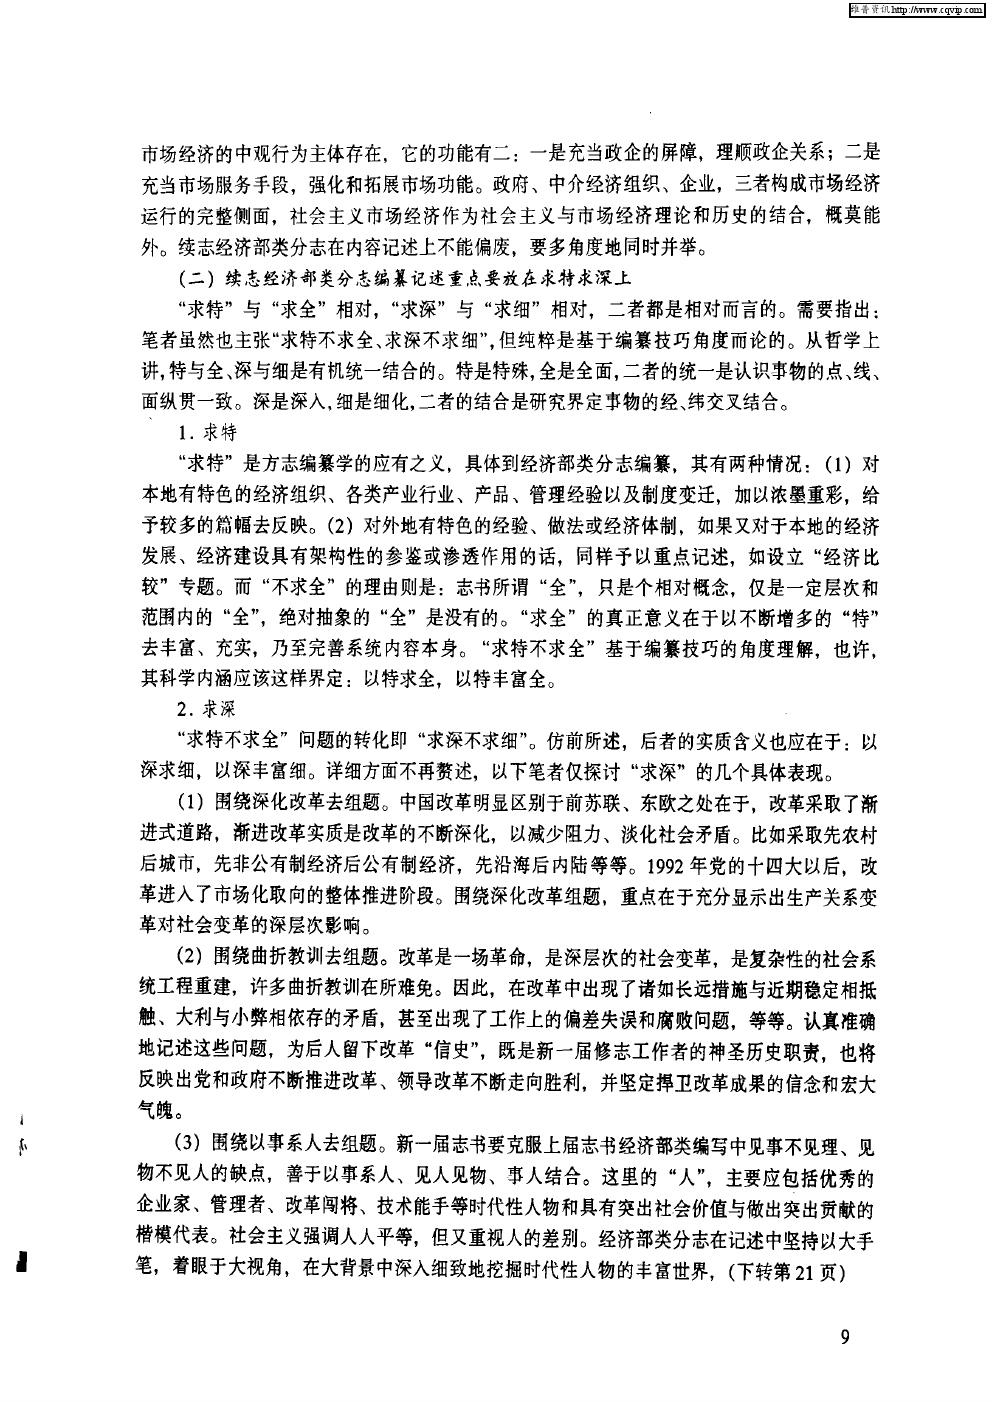 续志经济部类分志编纂若干问题探要4.png